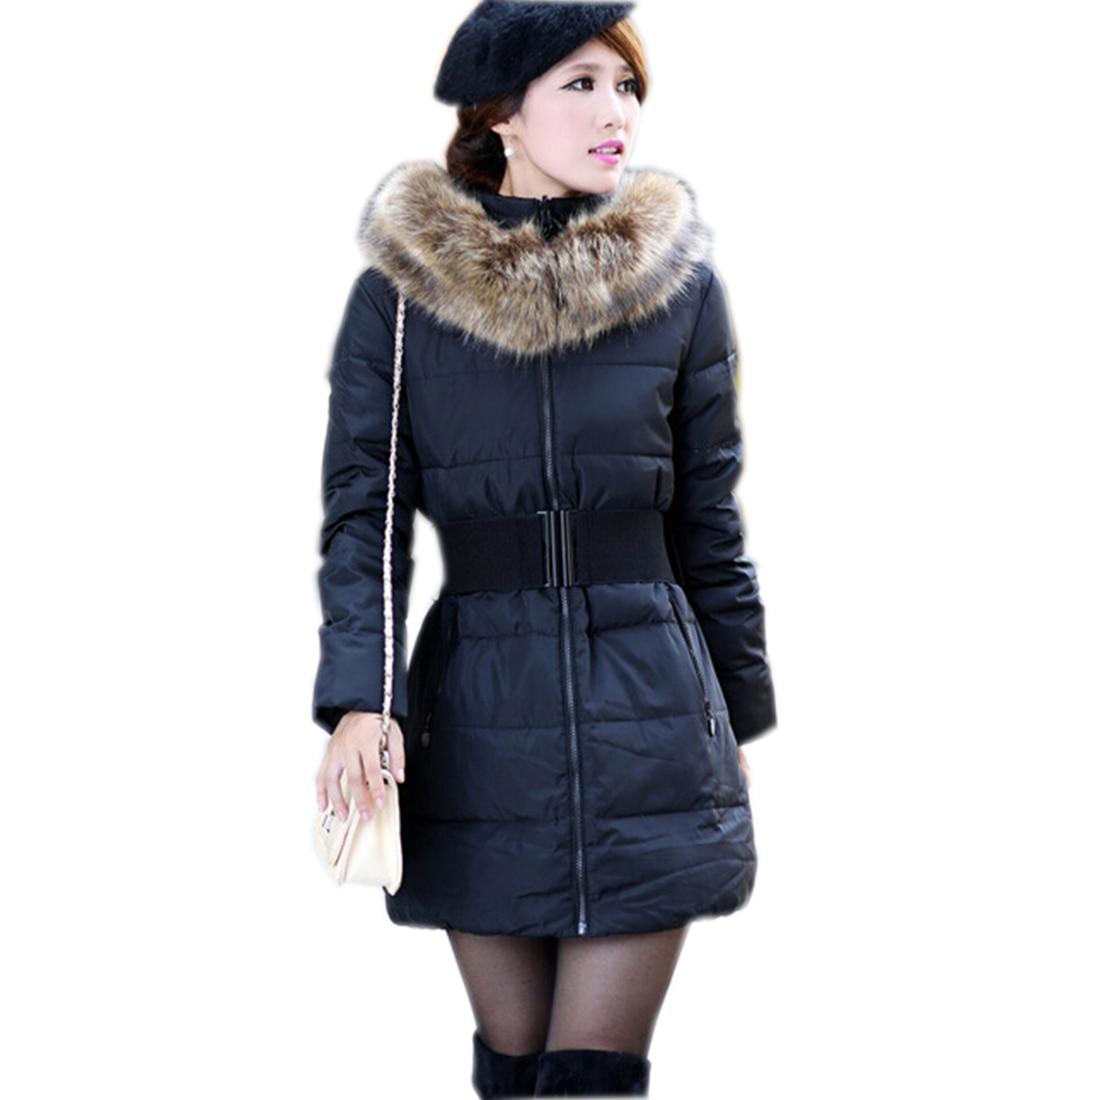 ФОТО Belted Parka Women Winter Jackets Hooded Female Faux Fur Padded warm Coats 2017 Solid Elegant Office Outwear Blue Padded Jackets